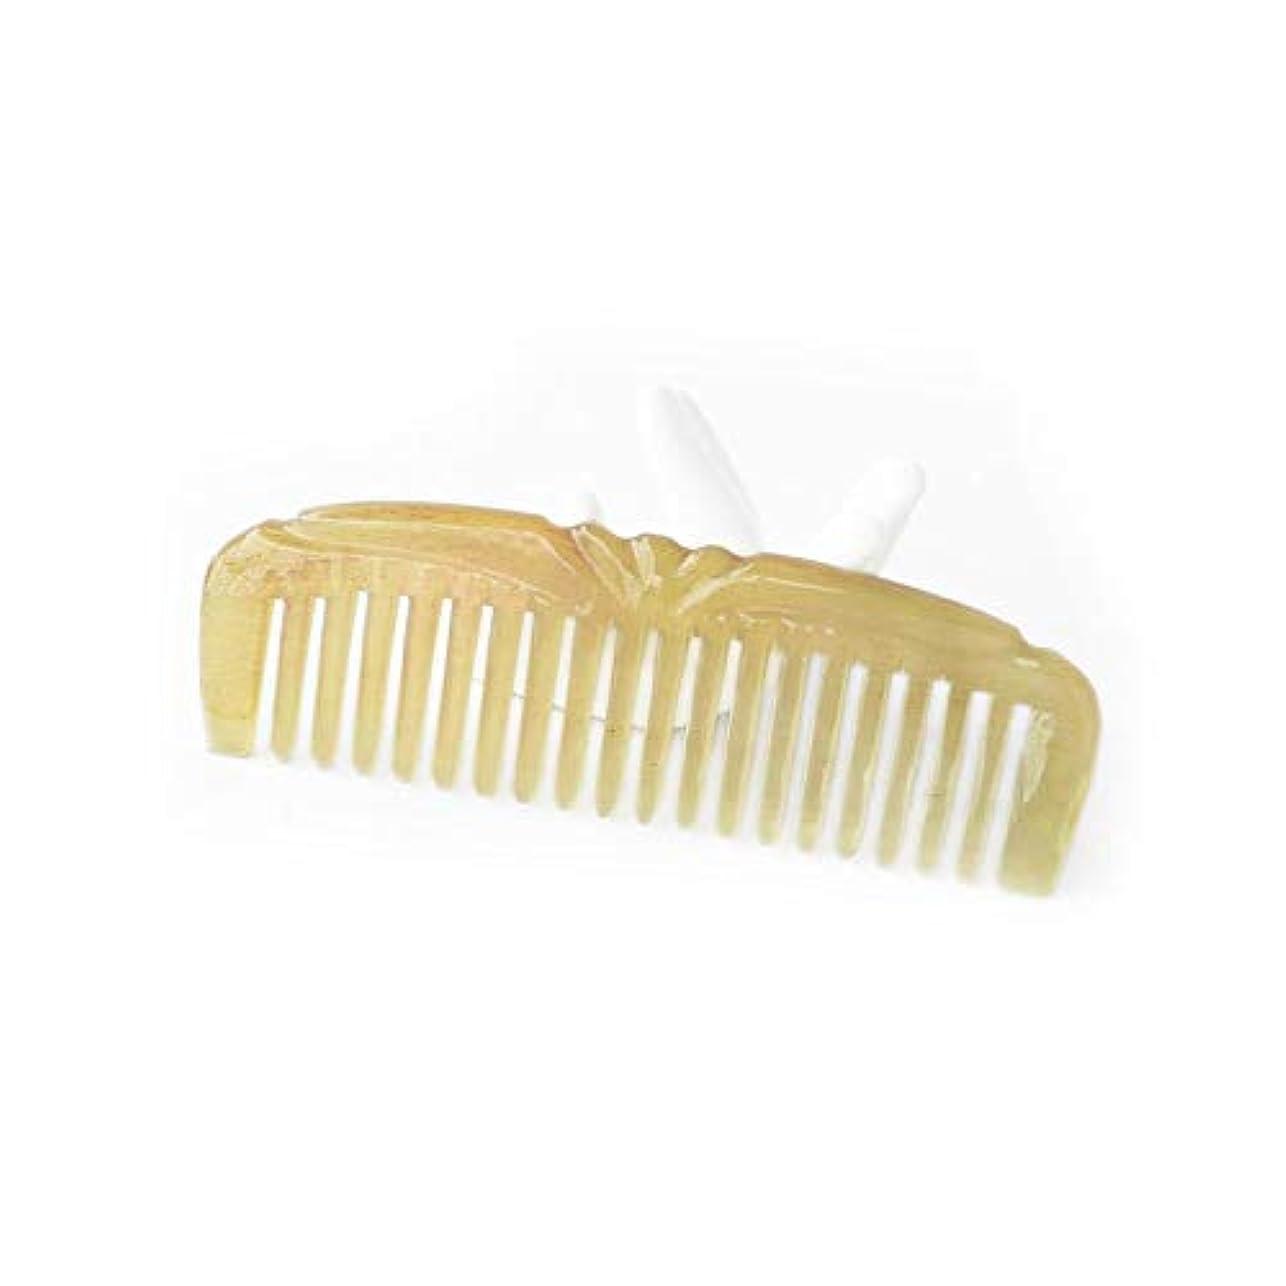 プロフェッショナル隙間土地Fashian手づくりナチュラルバッファローホーン櫛ムーンシェイプヘアブラシ(ワイド歯、歯ファイン) ヘアケア (色 : Fine tooth)